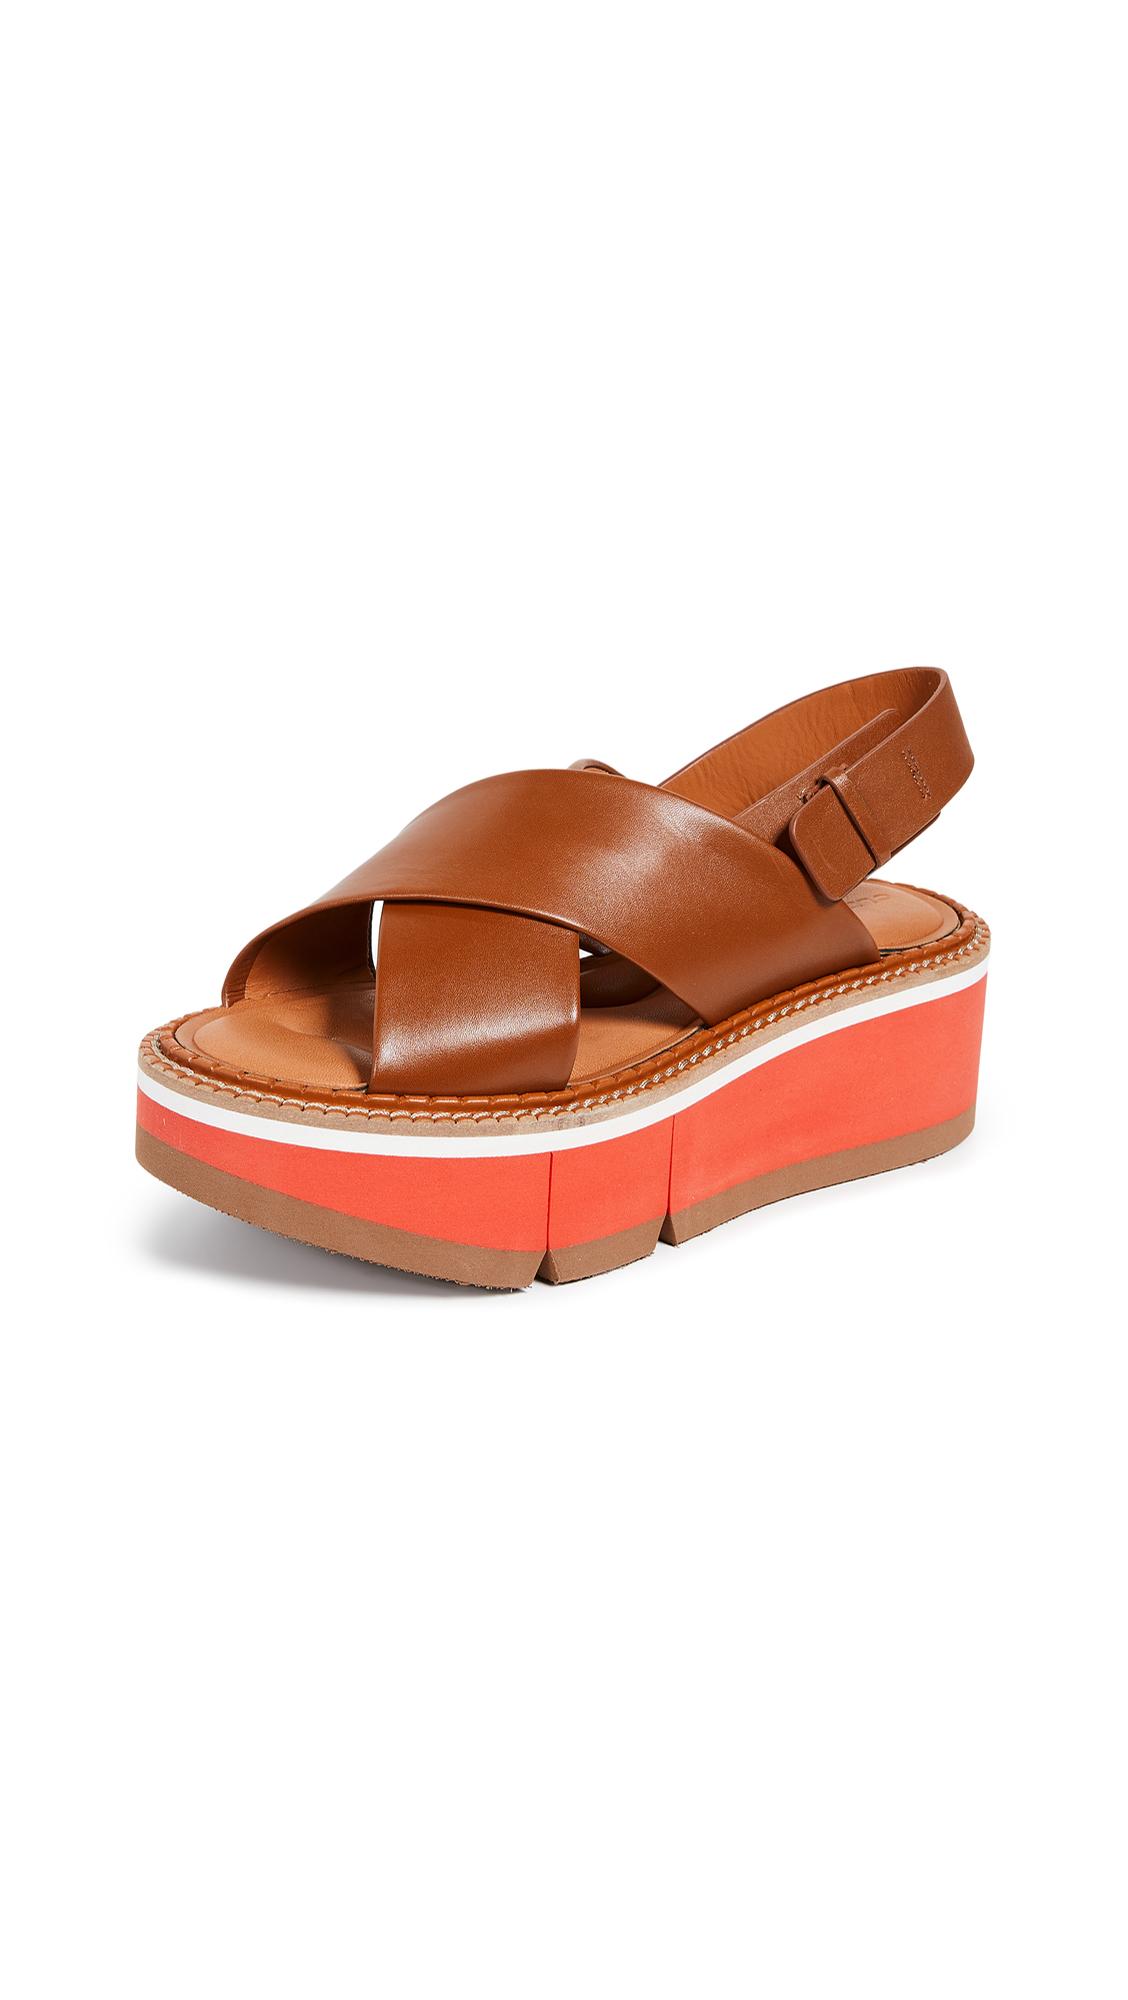 Robert Clergerie Anae Crisscross Sandals - Papaya